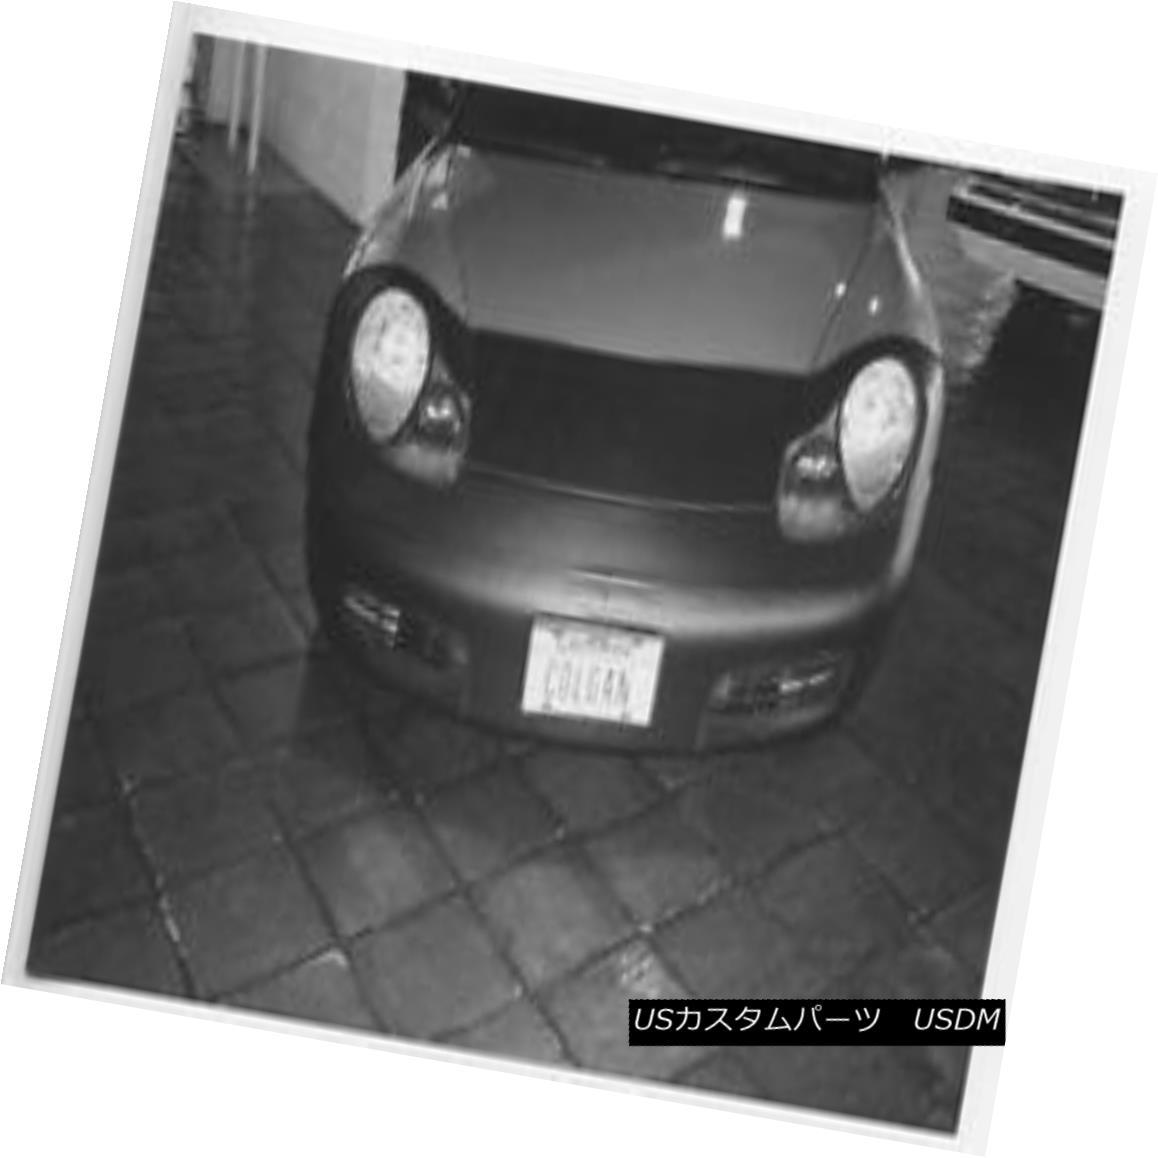 フルブラ ノーズブラ Colgan Front End Mask Bra 2pc. Fits Porsche Boxster 1997-2002 W/ Lic.Plate  コルガンフロントエンドマスクブラ2pc Porsche Boxster 1997-2002 W / Lic.Plateに適合